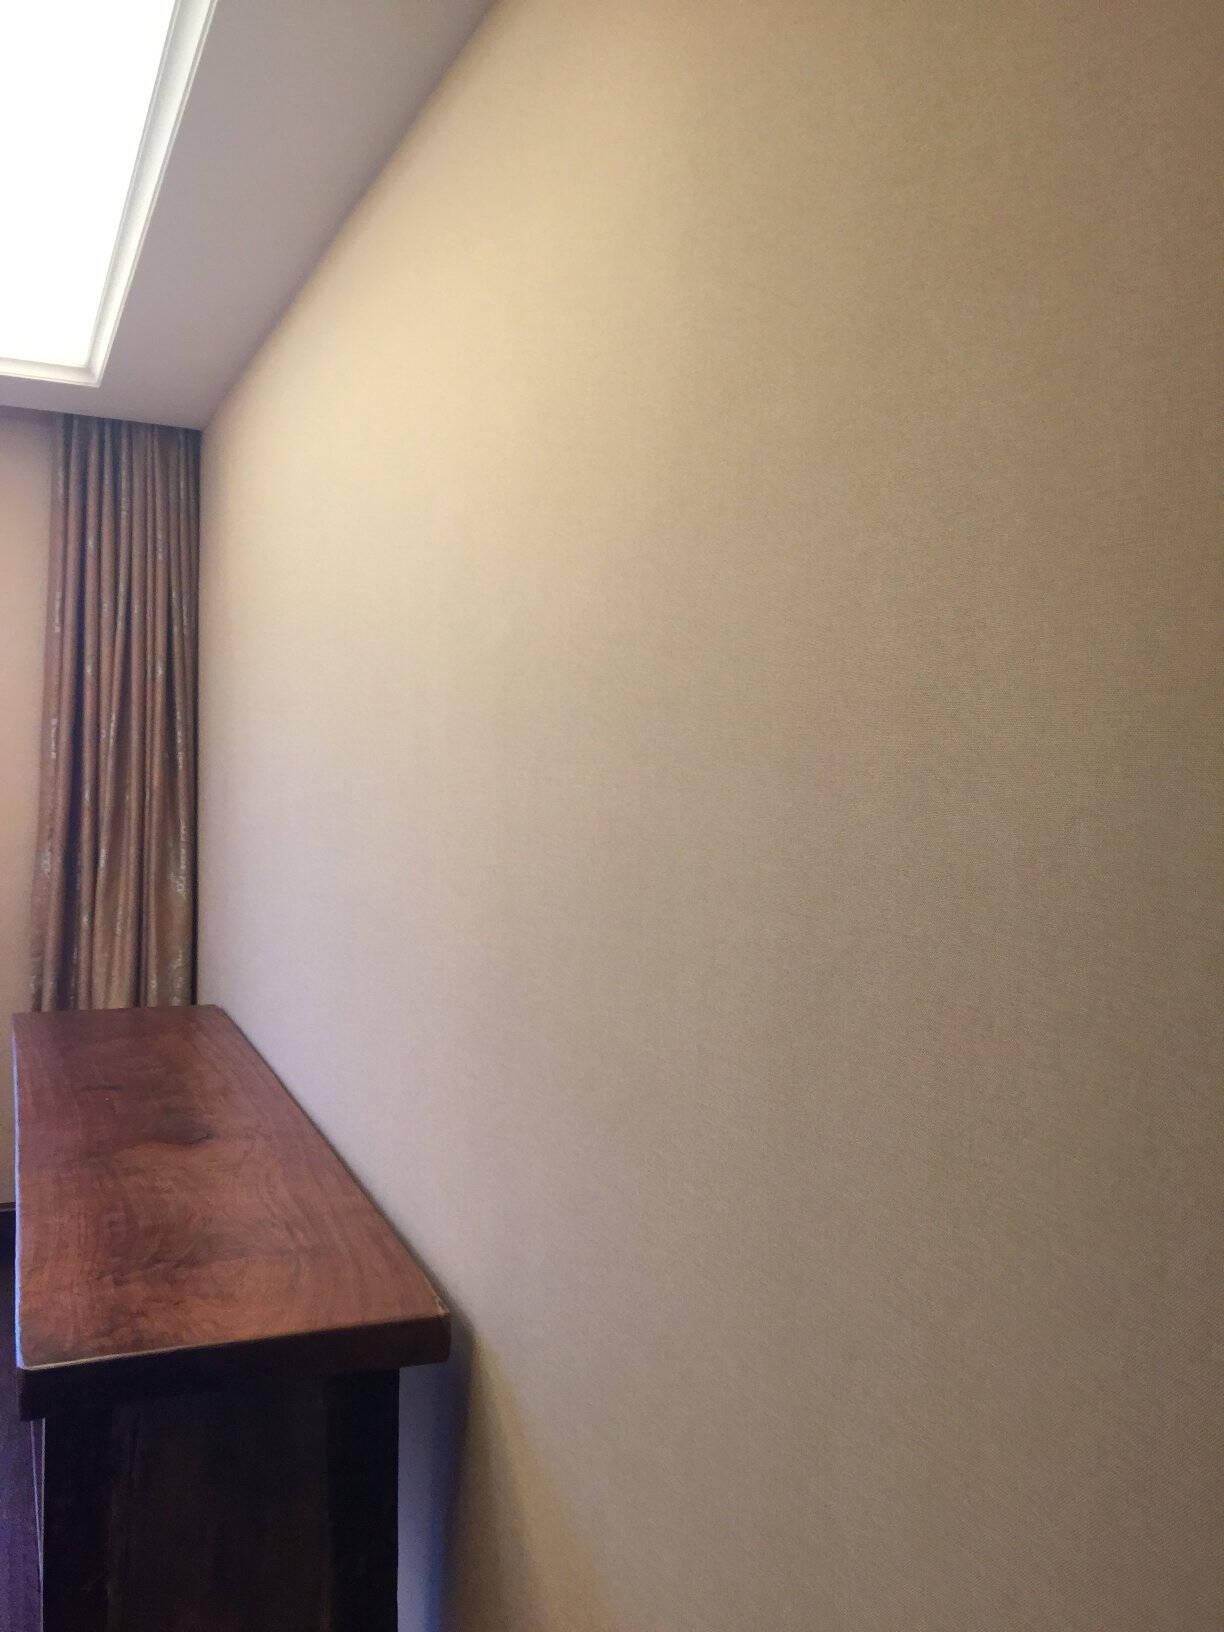 英国乐图(LETU)墙布无缝壁布现代简约电视背景墙客厅卧室个性定制布面壁纸墙纸DLS-3901A-15兰迪杏